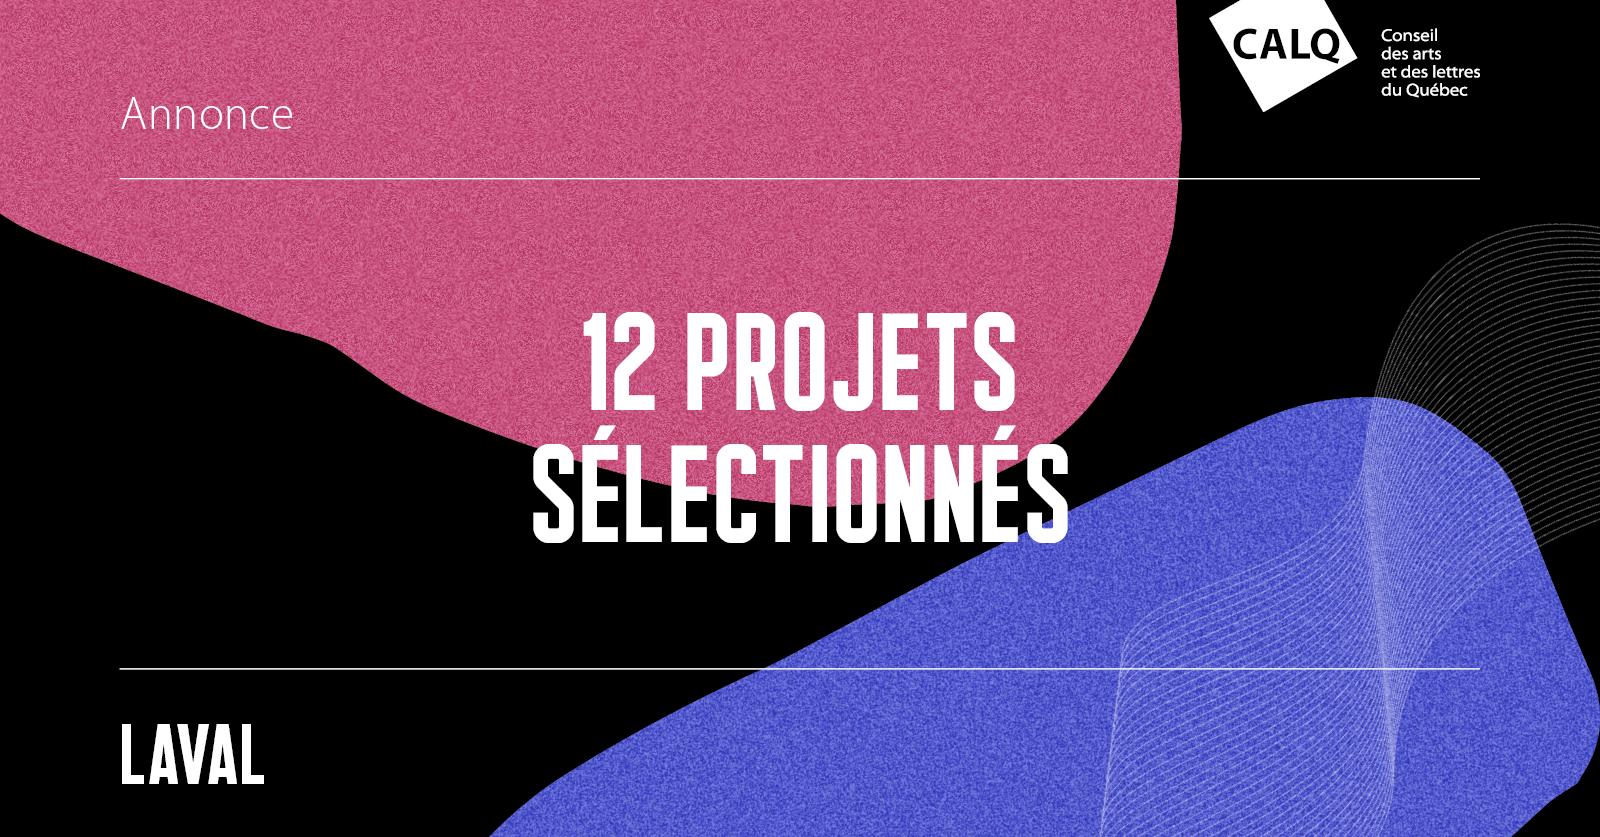 Un soutien financier de 200000$ pour 12projets artistiques à Laval